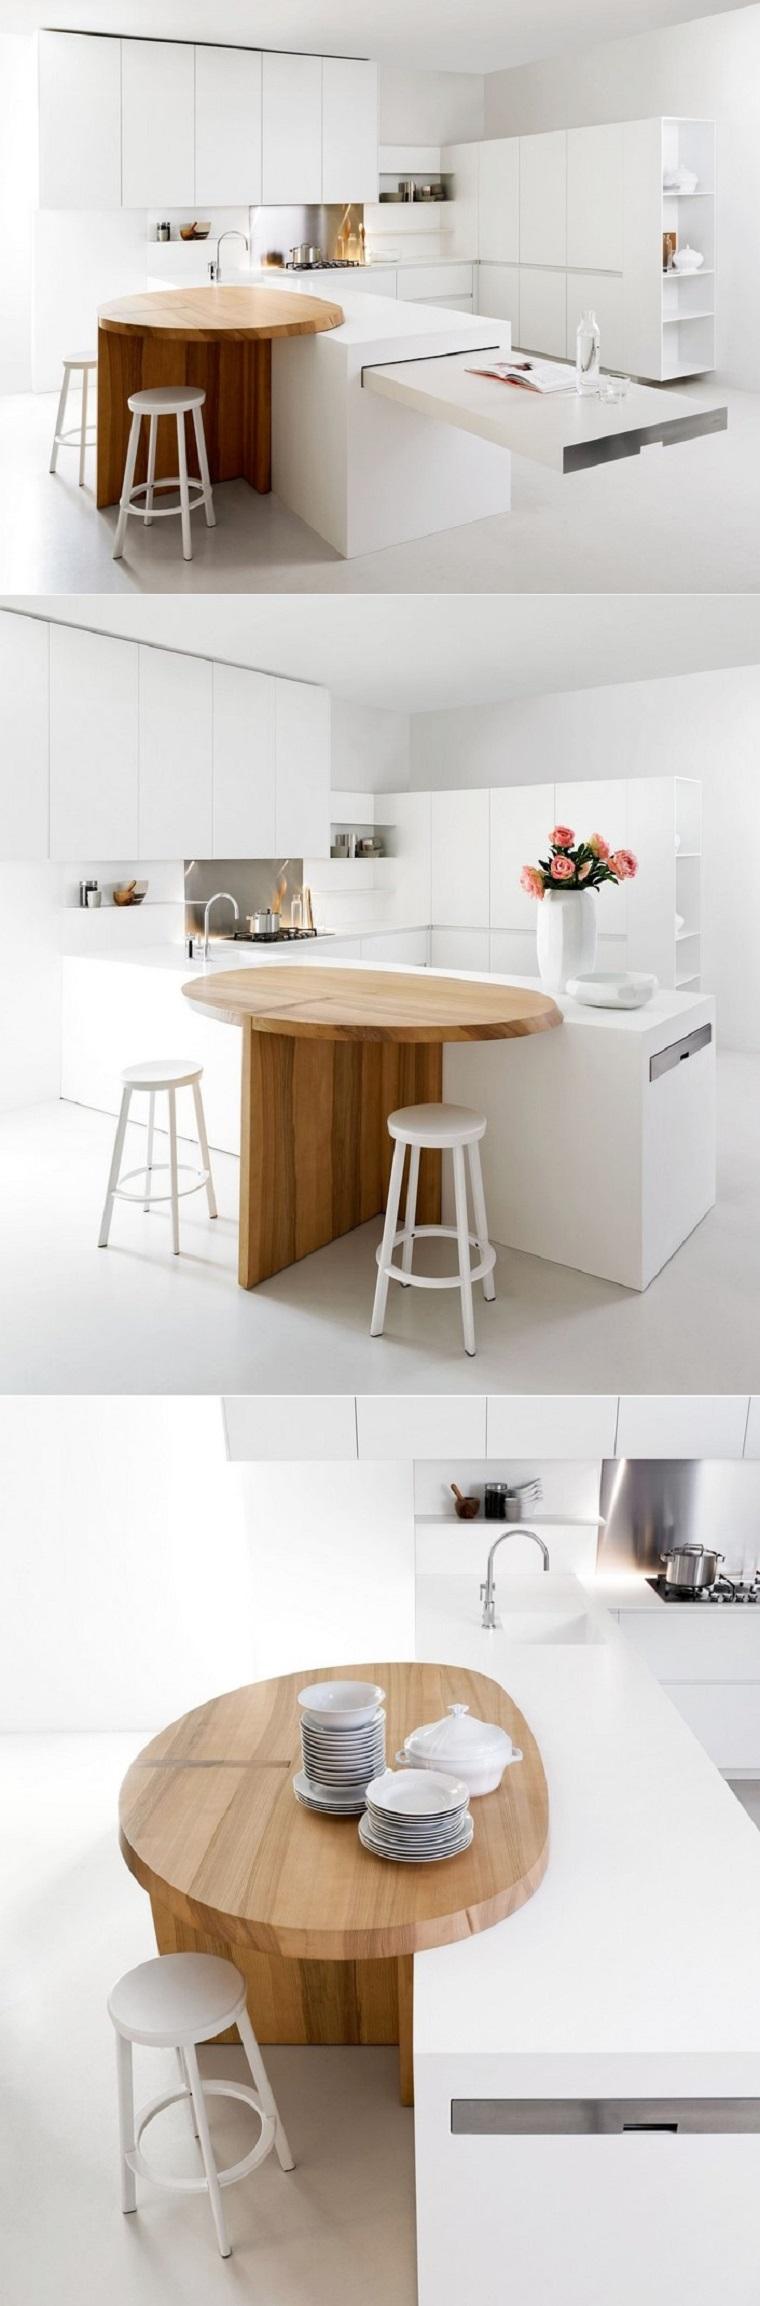 cocina blanca estilo minimalista encimera madera semicircular ideas